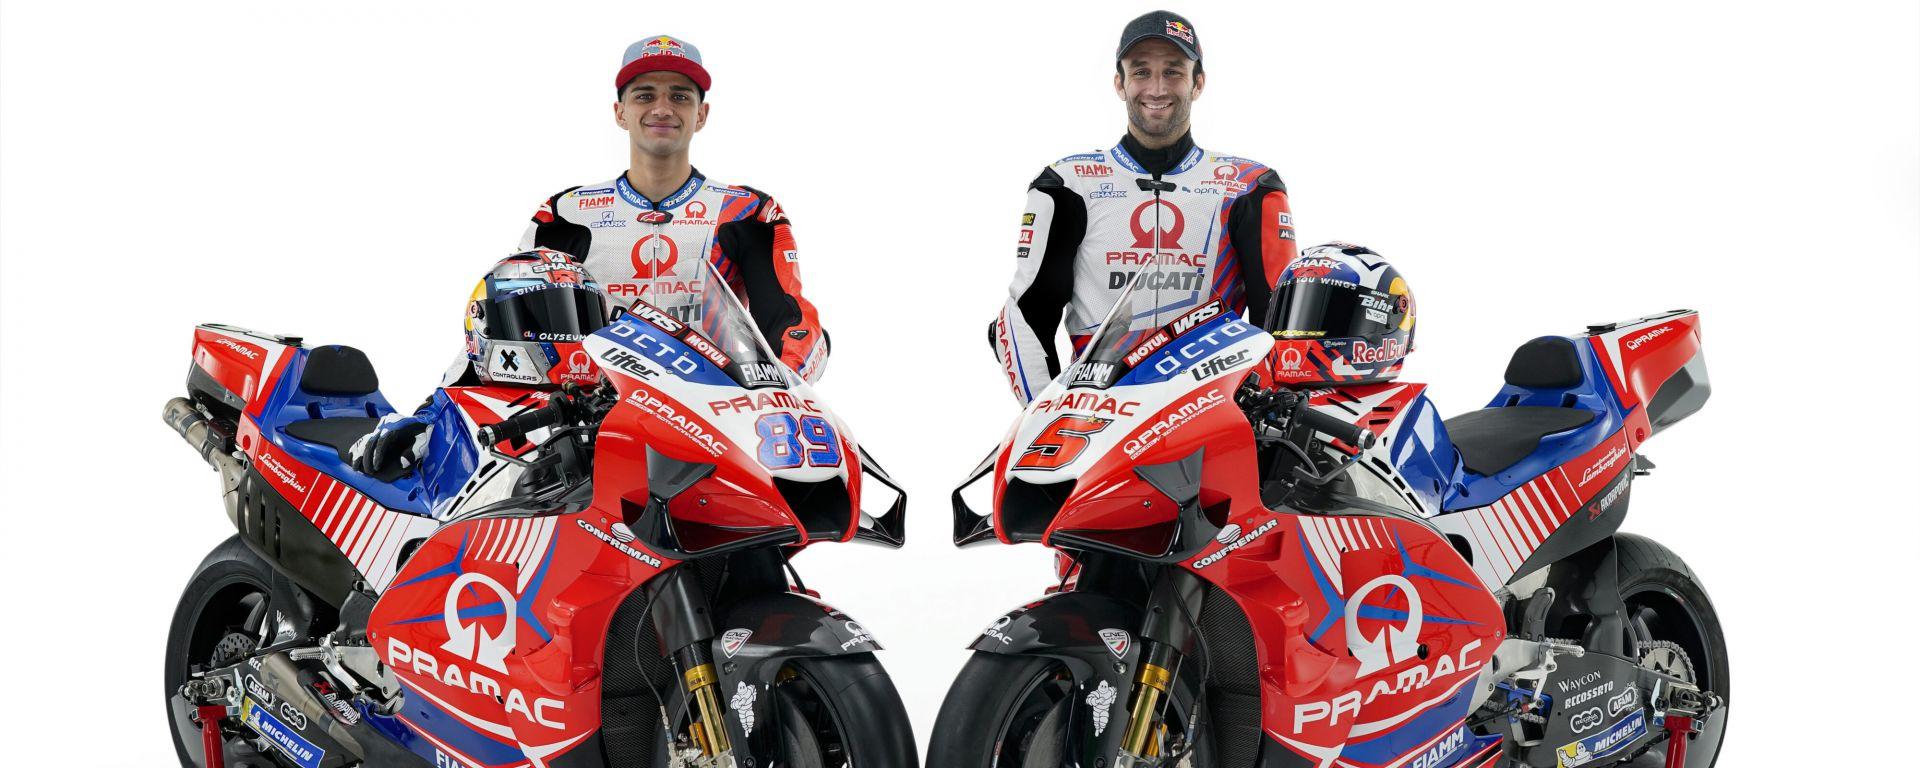 La livrea della nuova Ducati Demosedici GP21 del Pramac Racing di Jorge Martin e Johann Zarco